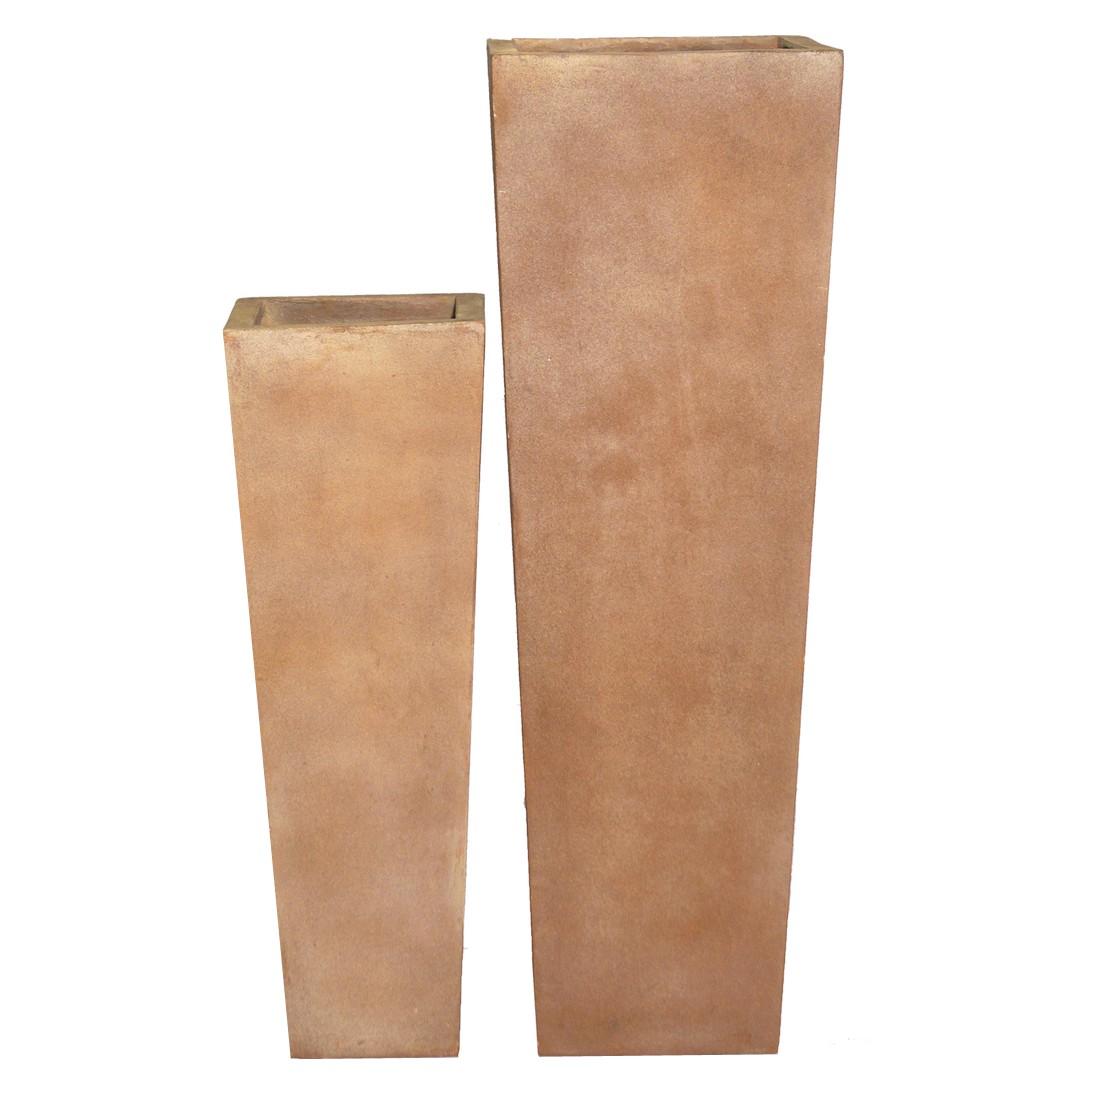 Pflanzkübel ISI Cotto – Kunststoff – Terracota – Classic Eckig – Normal – 90 x 30 cm, Viducci's Garden jetzt bestellen